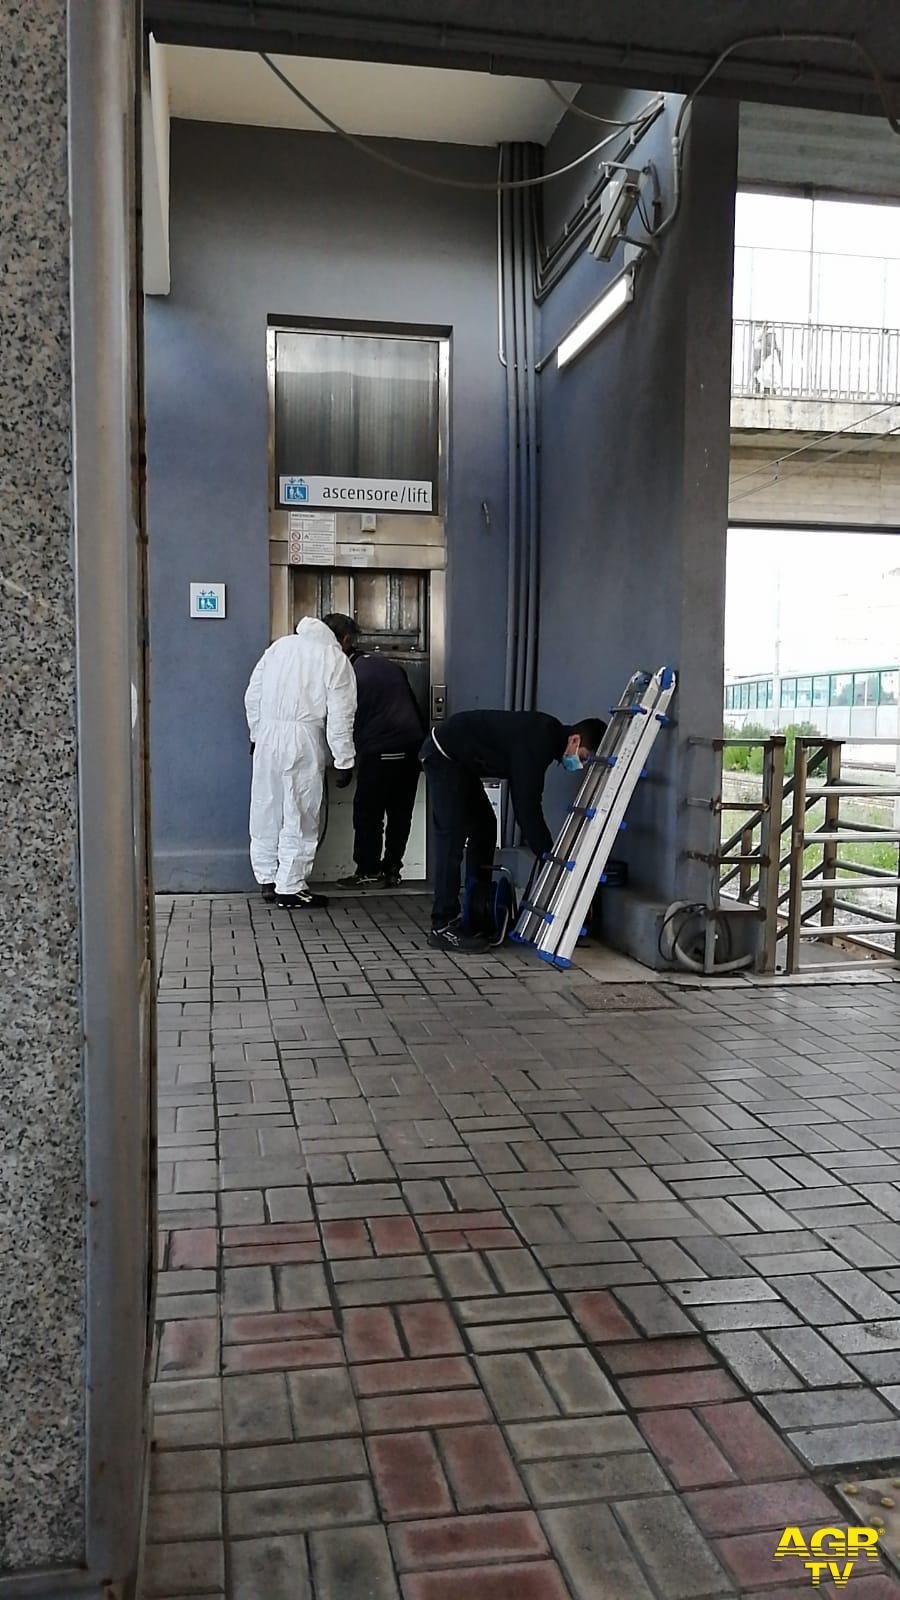 Roma-Lido, manutenzione  degli ascensori, una priorità per rendere accessibile la città